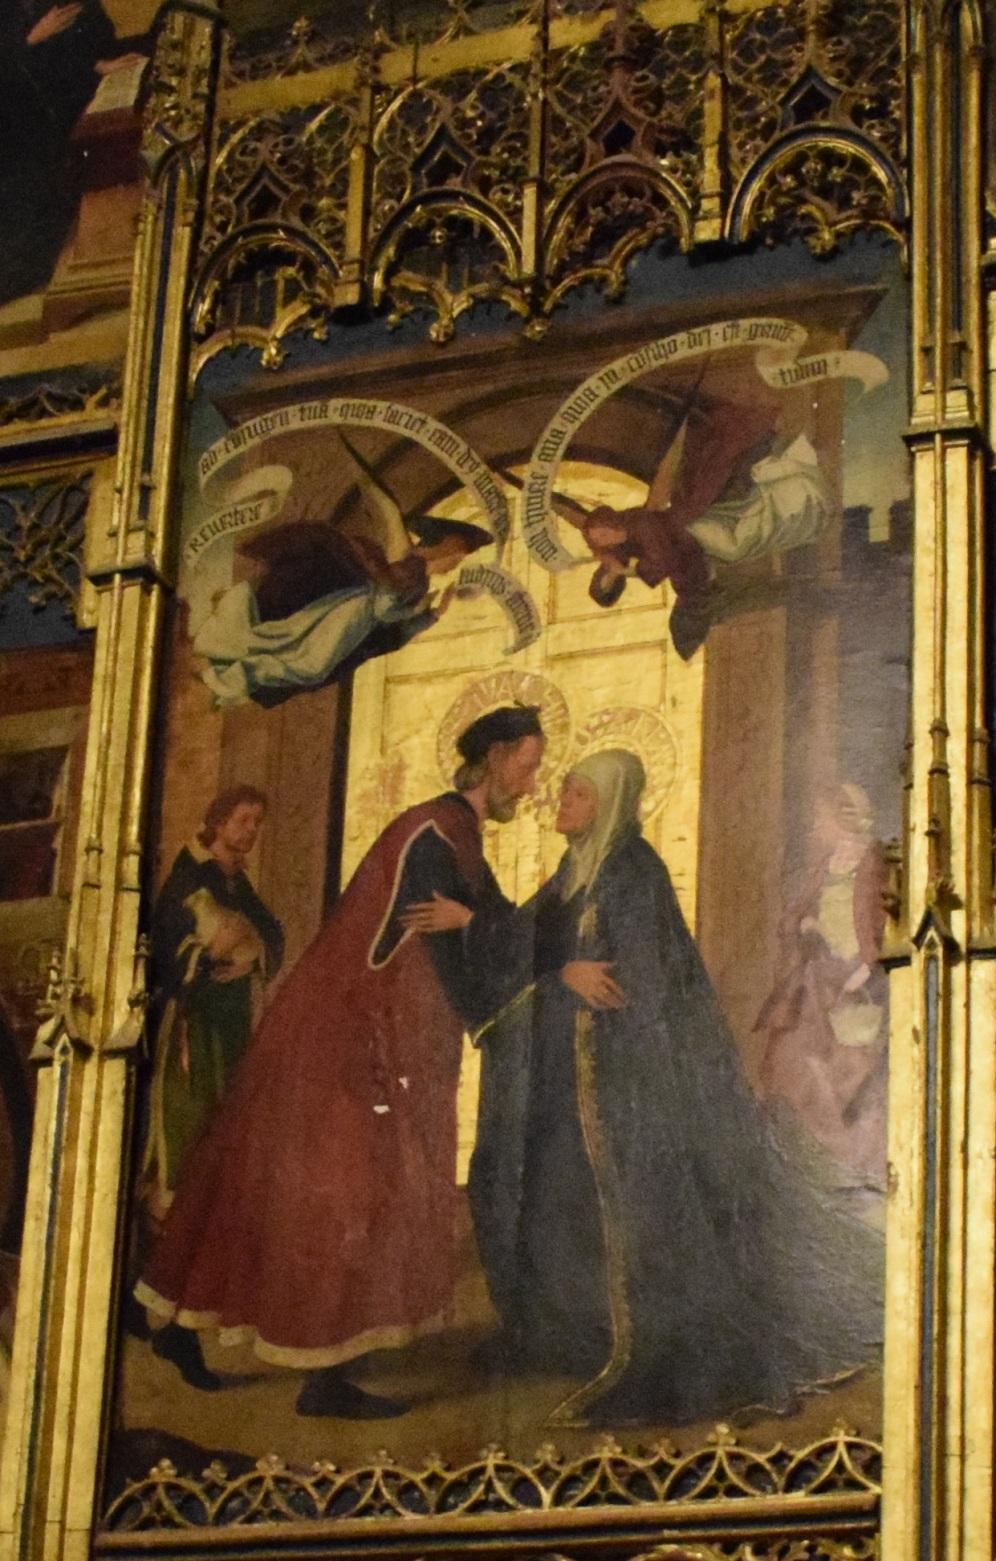 Detalle del abrazo en la Puerta Dorada. Tabla central del retablo. Capilla de la Concepción. Retablo atribuído a Juan de Borgoña, ca. 1502. Catedral de Toledo. Foto: @cipripedia.